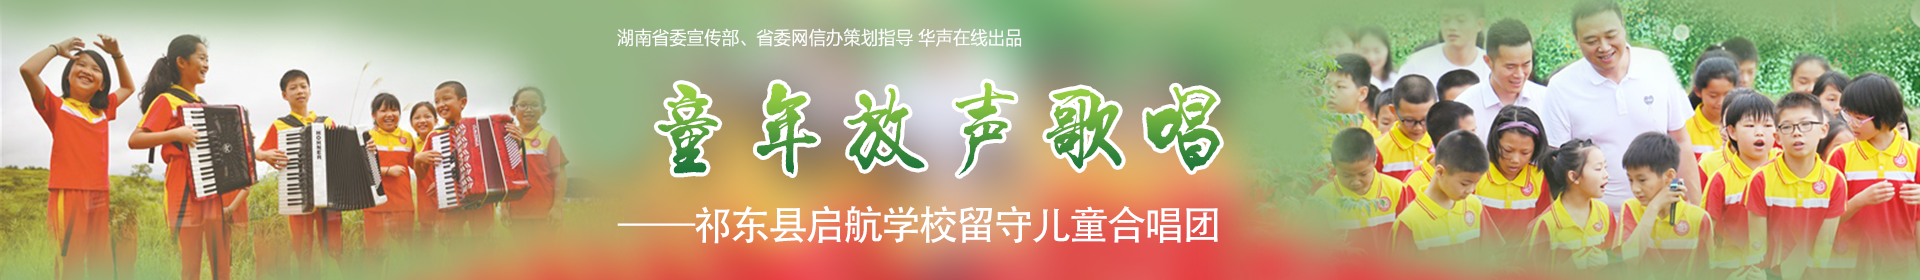 童年放声歌唱——祁东县启航学校留守儿童合唱团